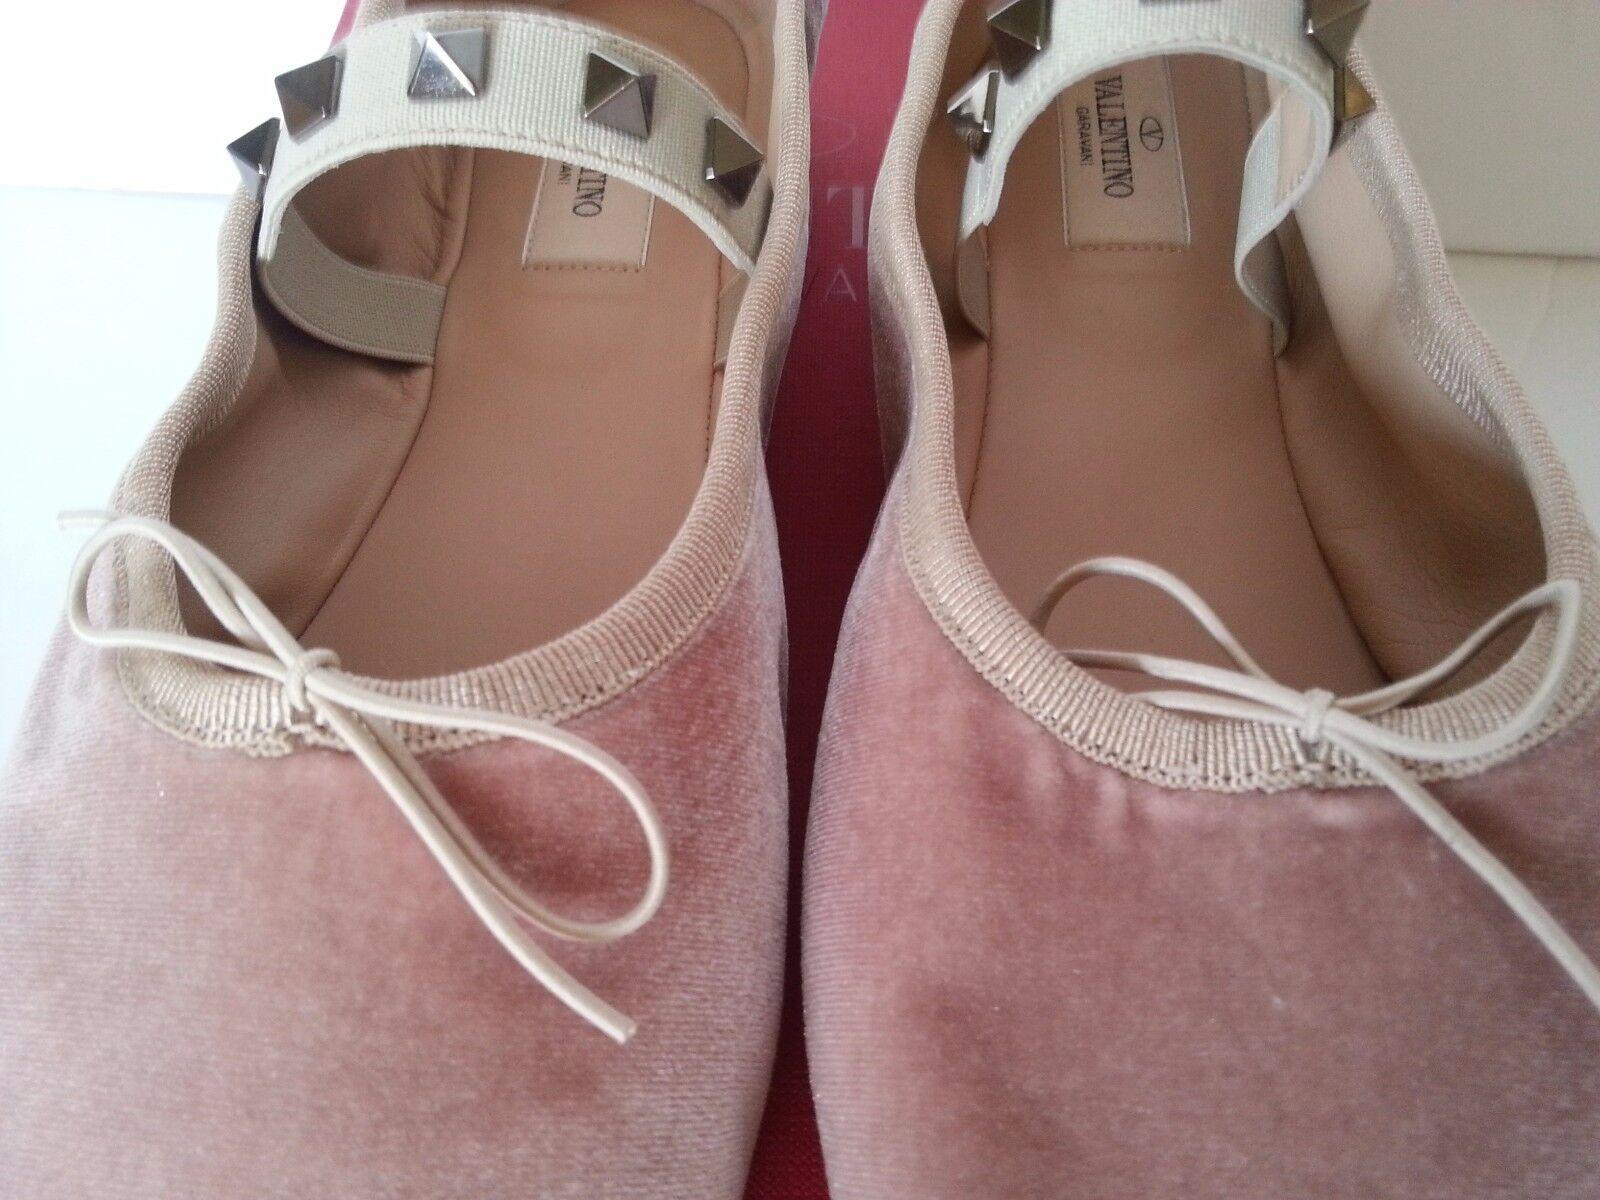 NEW Valentino Garavani Rockstud Velvet Ballerina Flat Pink Nude Size 40   10 US